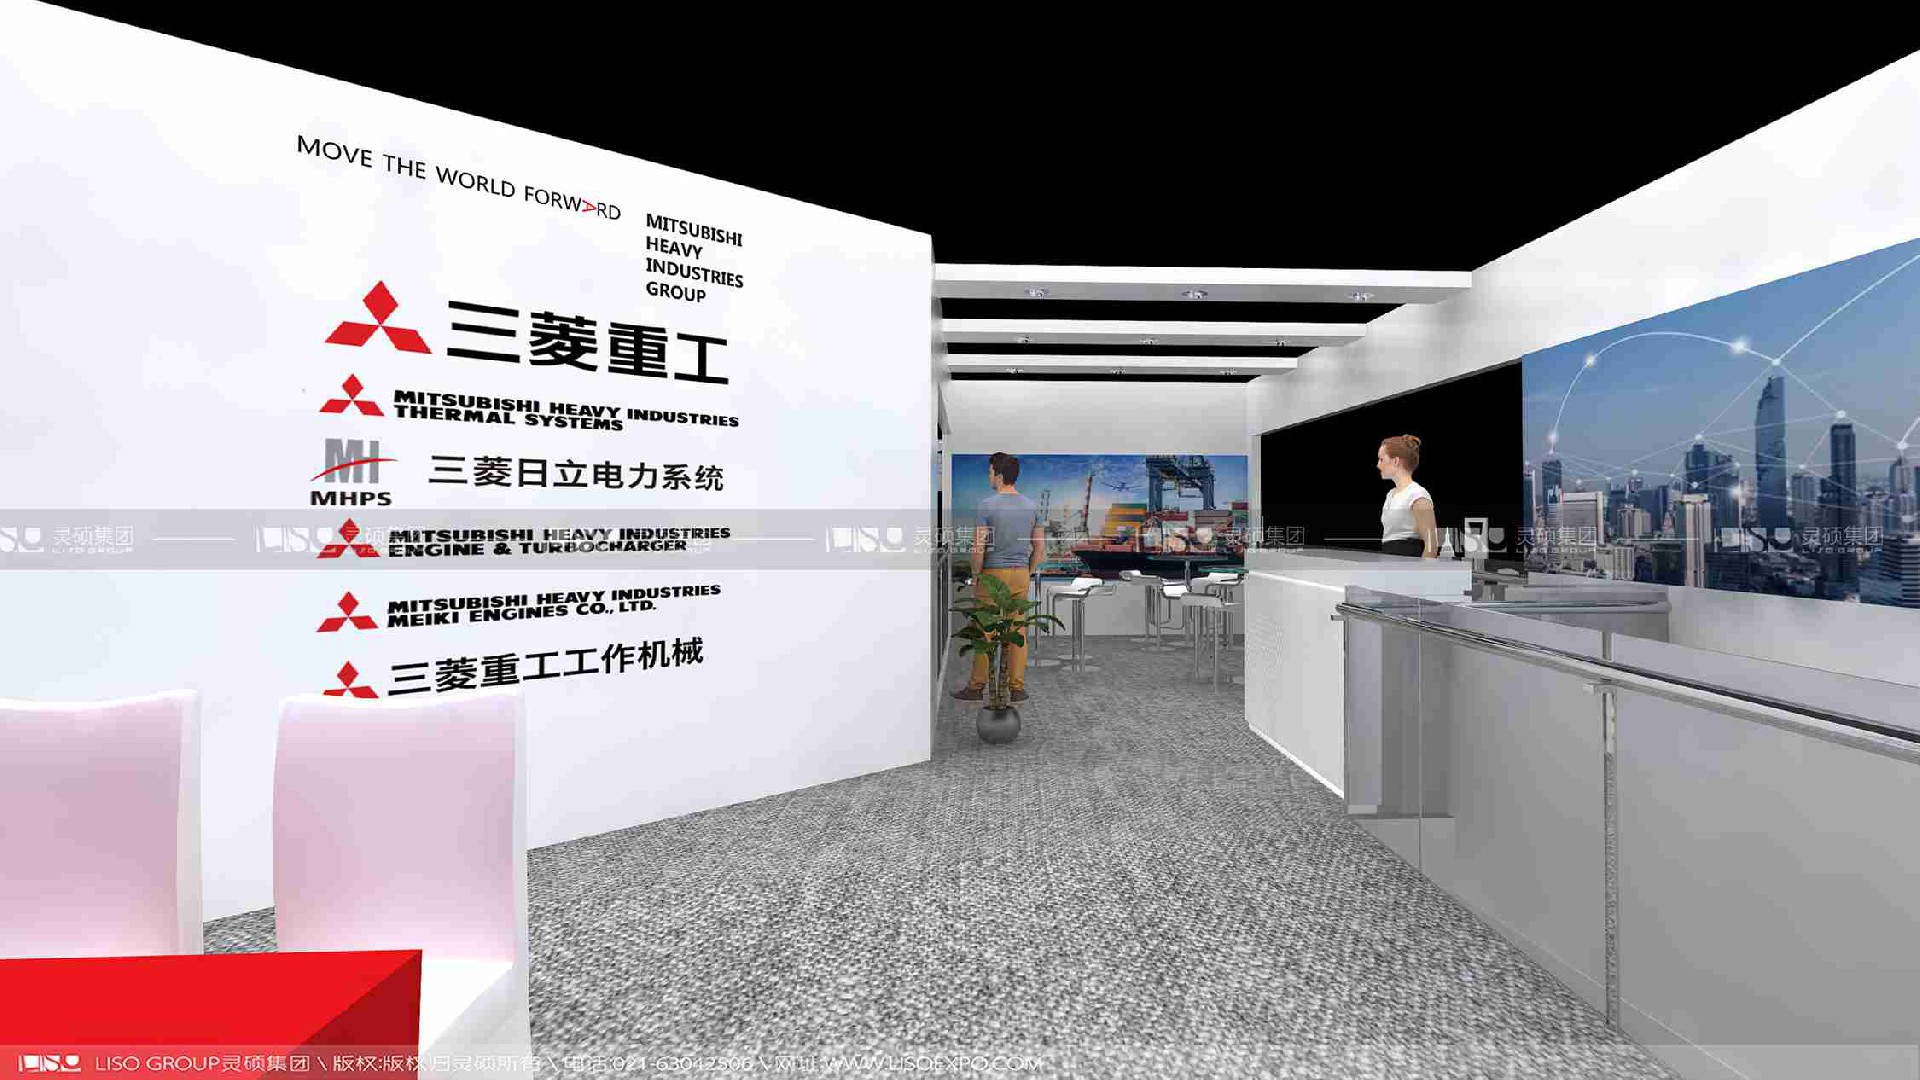 三菱-2019年第二届进博会展台案例